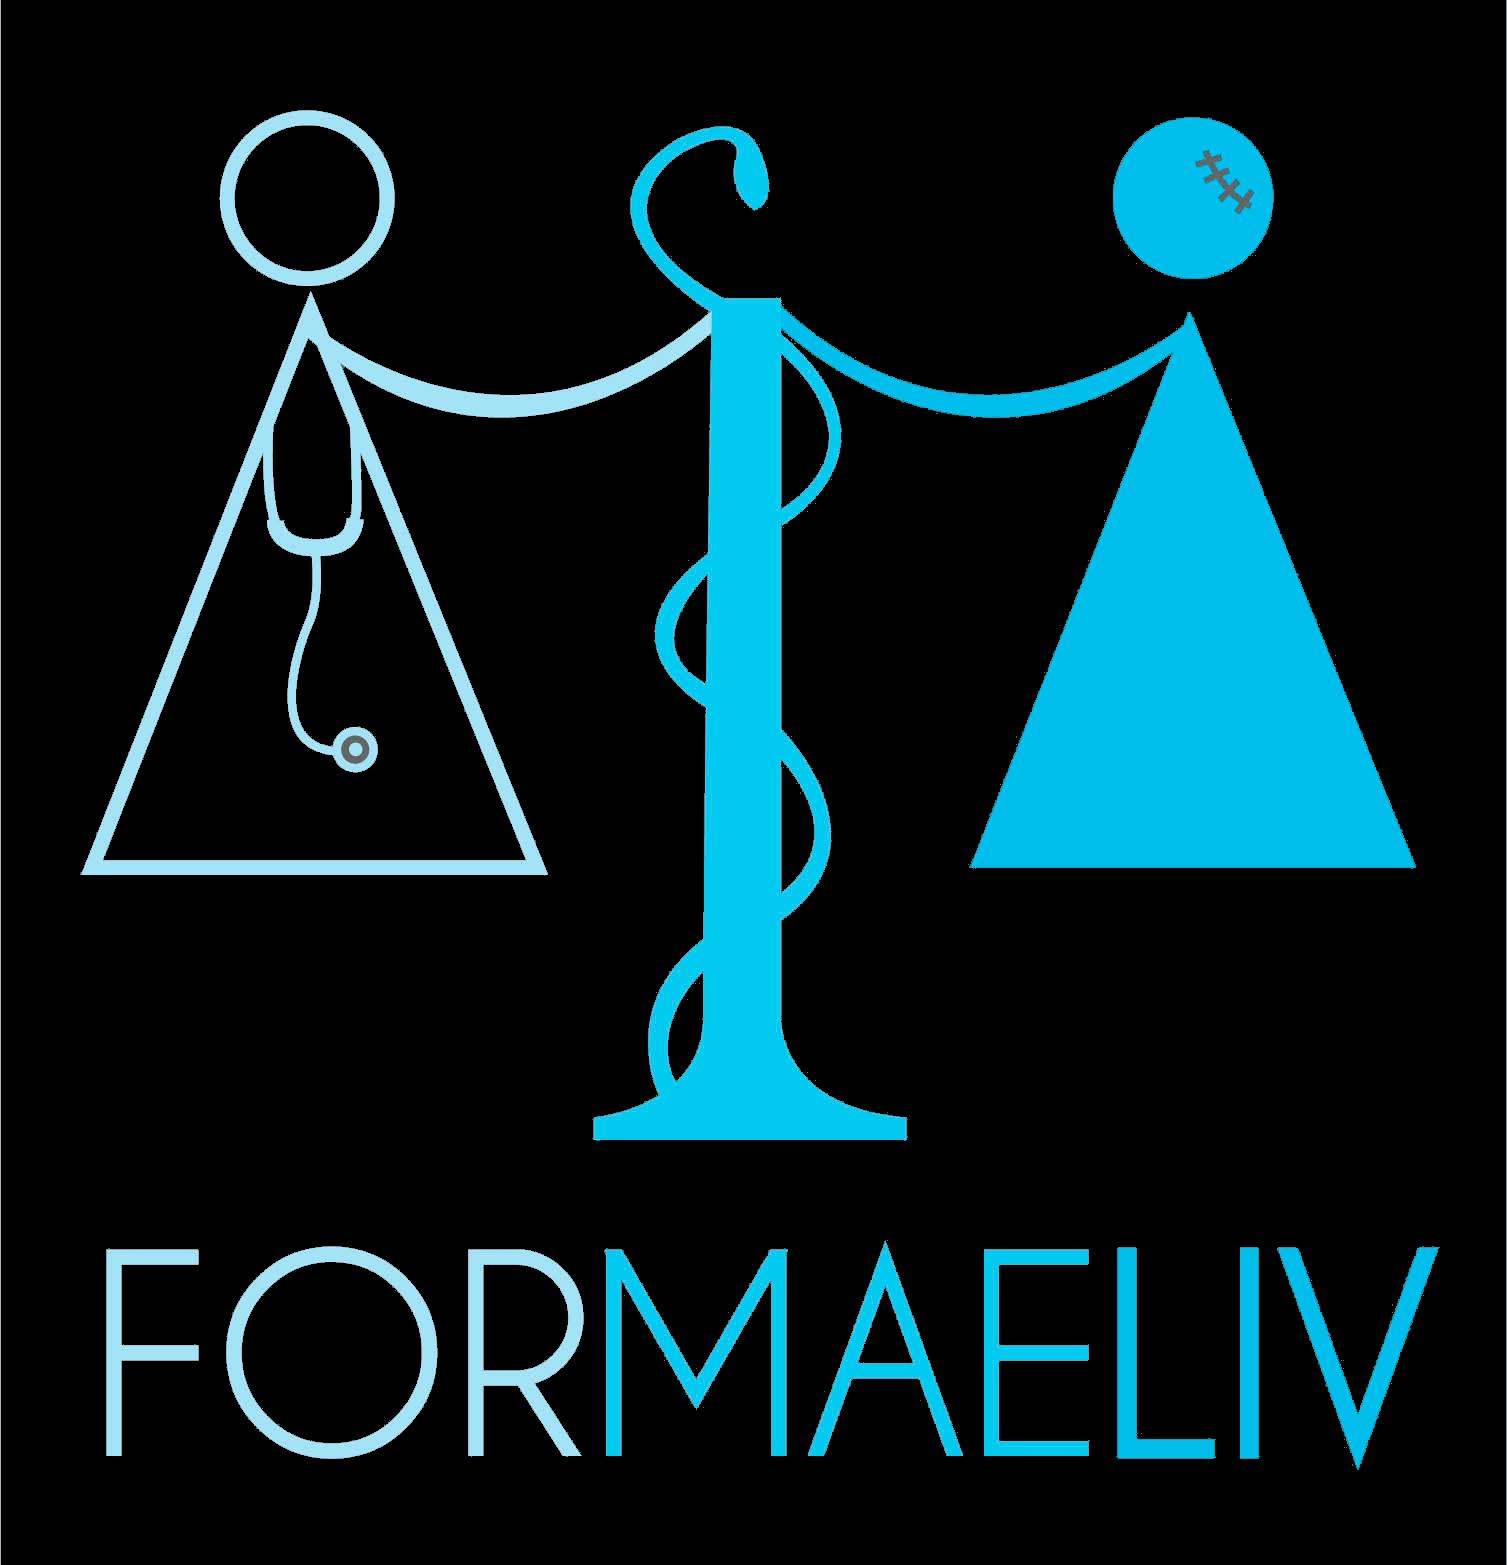 FORMAELIV